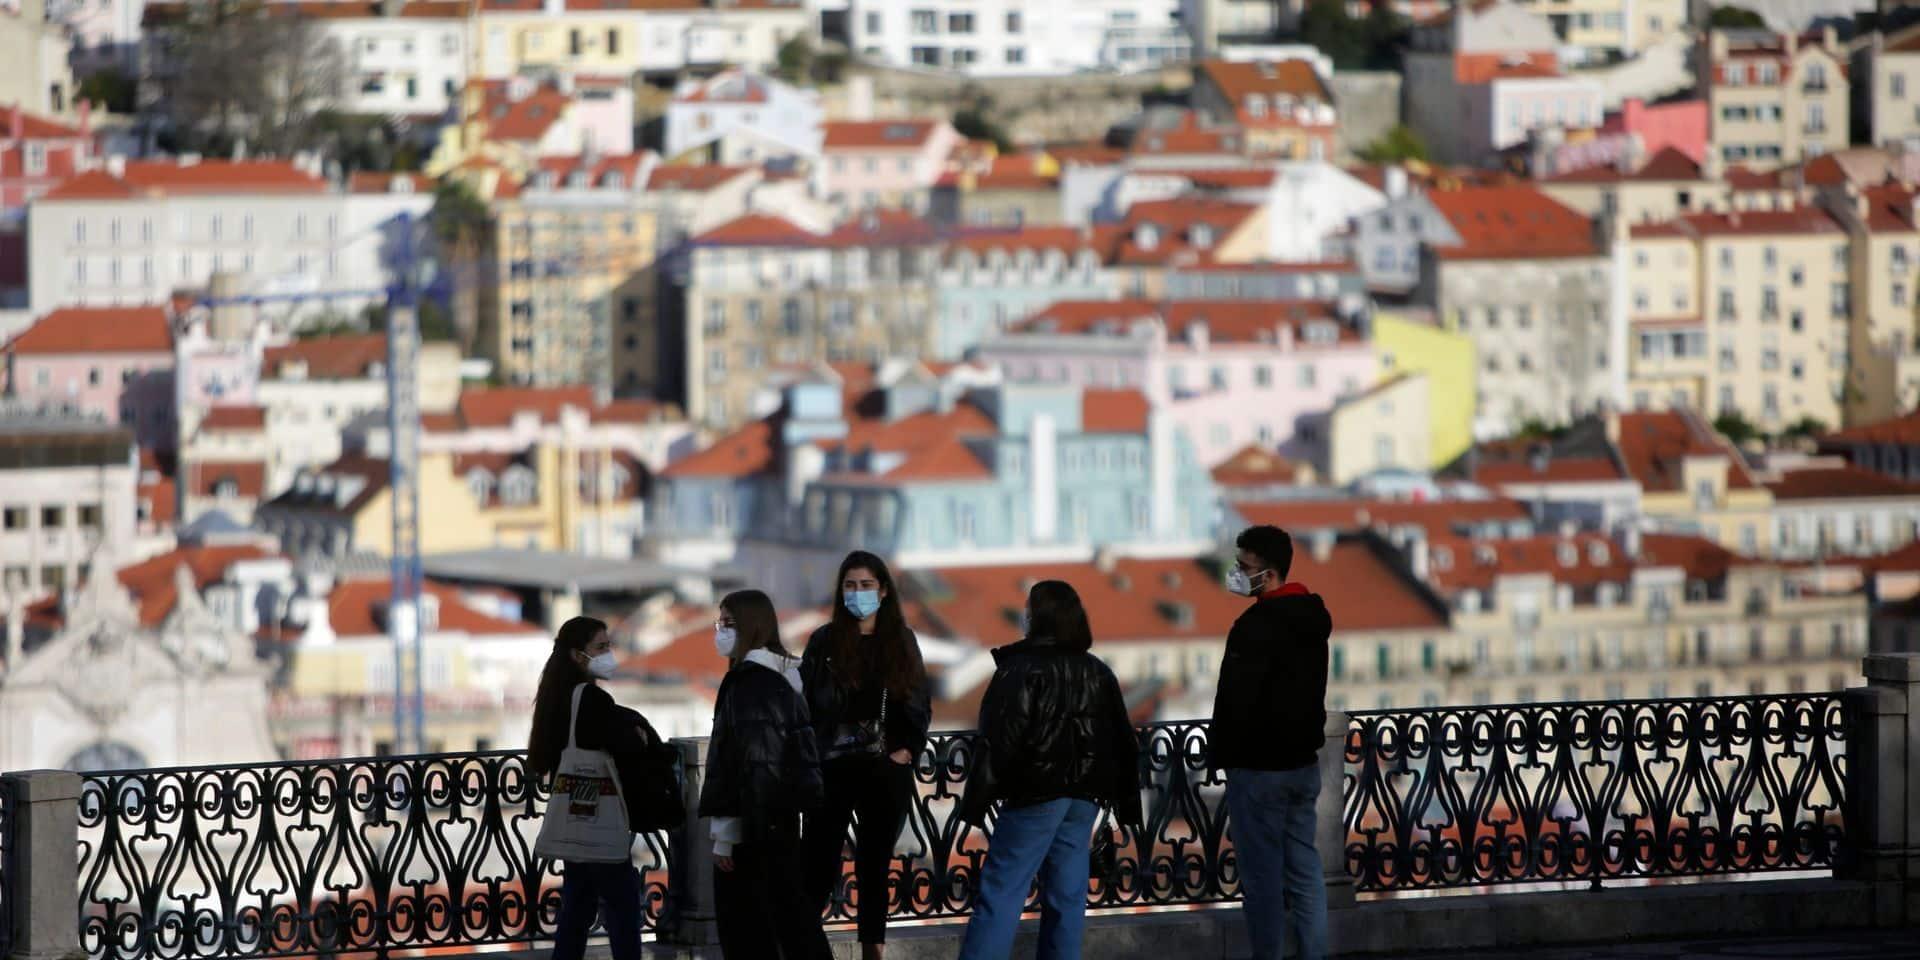 Le Portugal impose de nouvelles restrictions sanitaires ciblant la région de Lisbonne